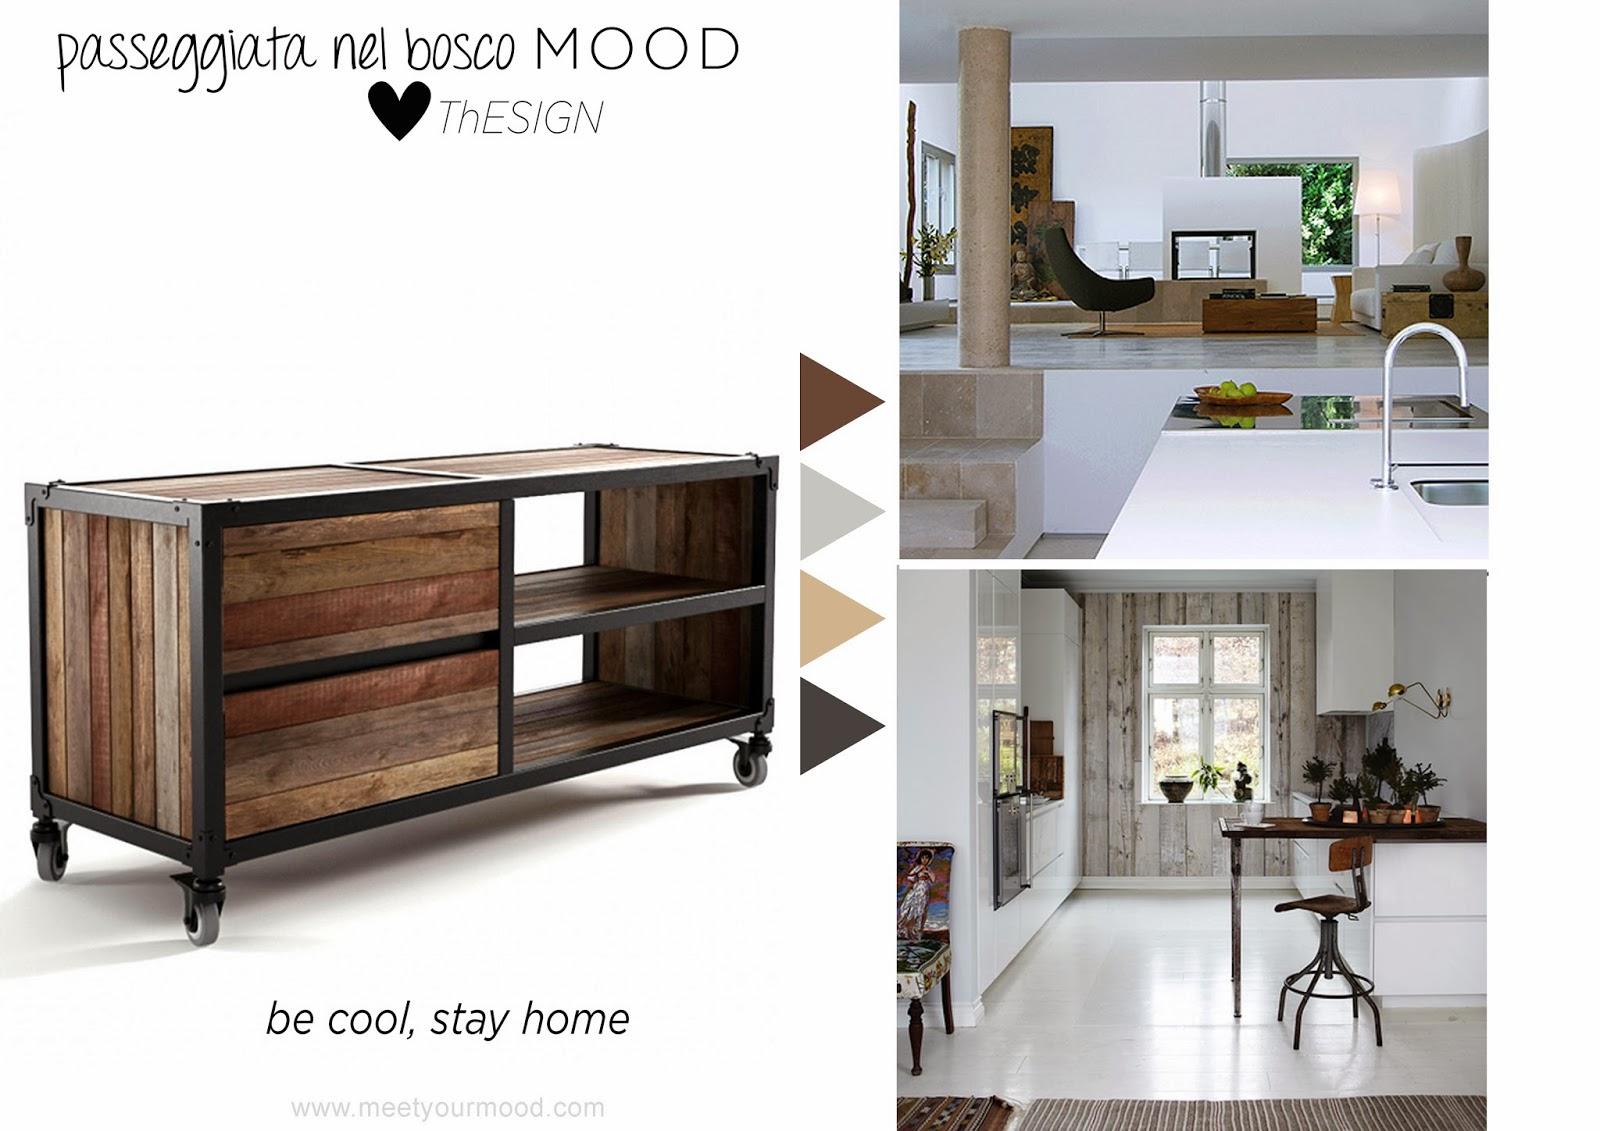 Lovethesign mood madie e mobili contenitore meetyourmood - Mobili contenitori design ...